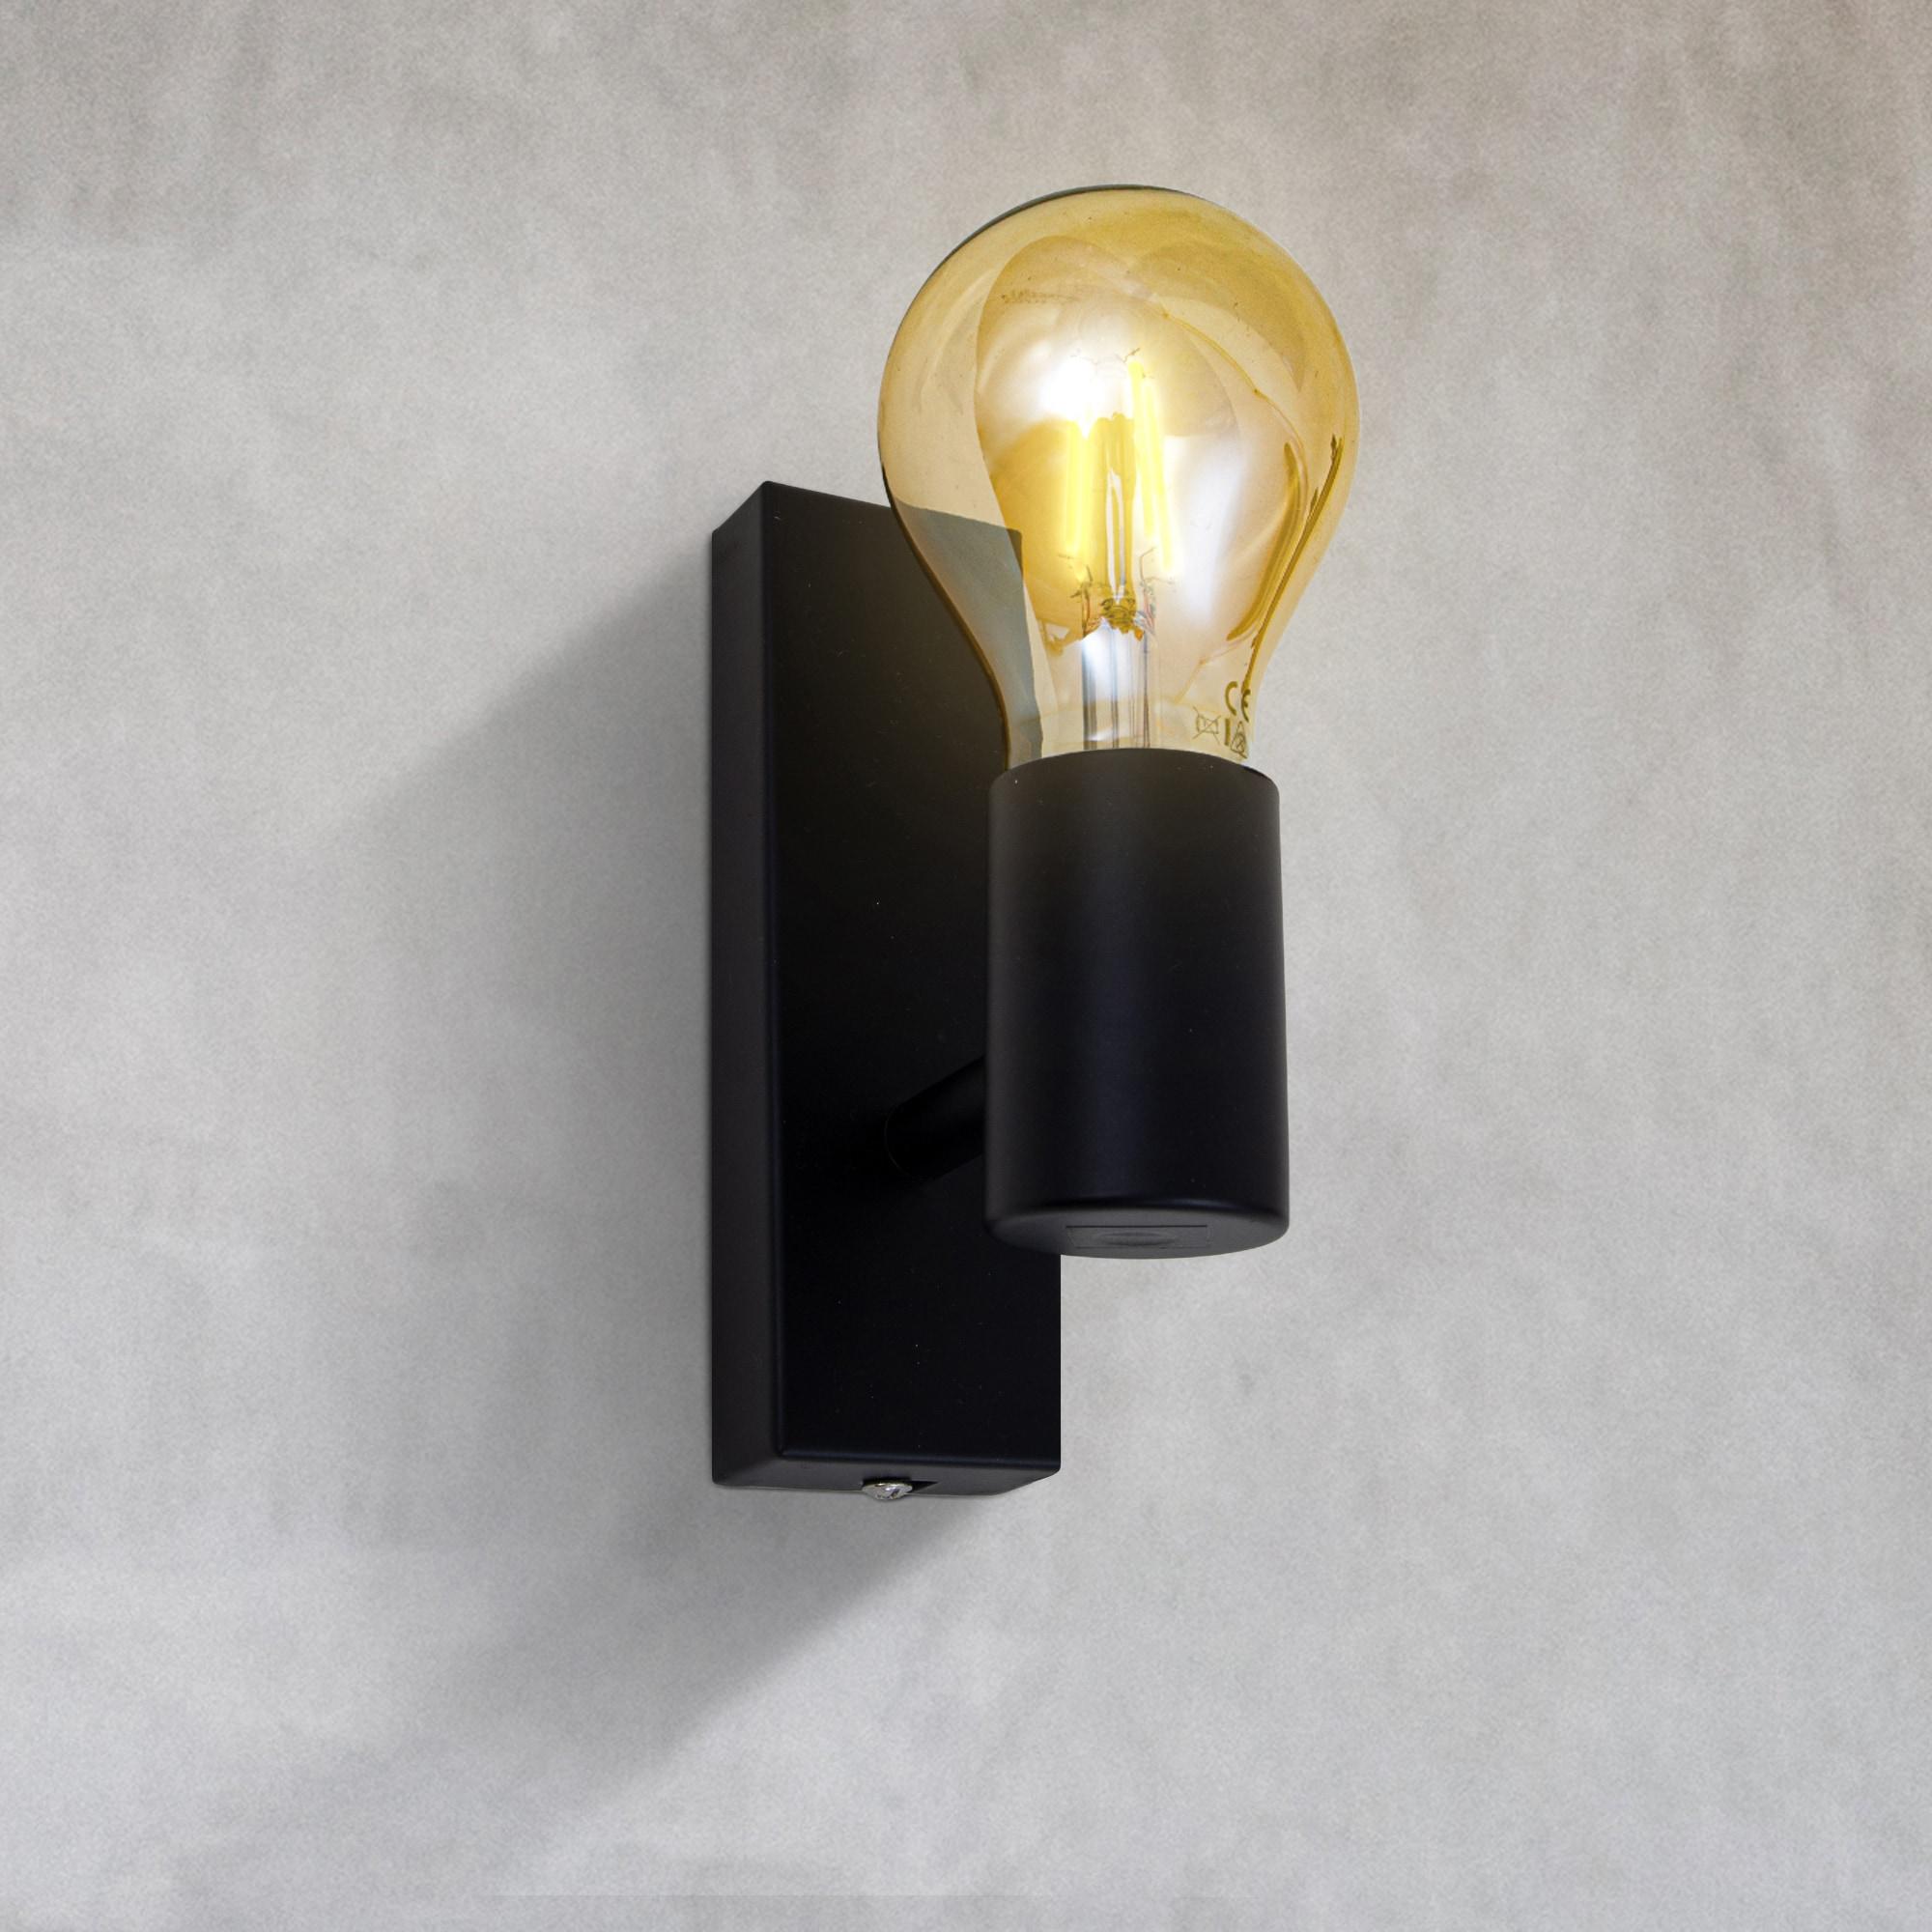 B.K.Licht LED Wandleuchte, E27, Warmweiß, Retro Wandlampe Vintage Wandspot matt Industrie Wohnzimmer Flur E27